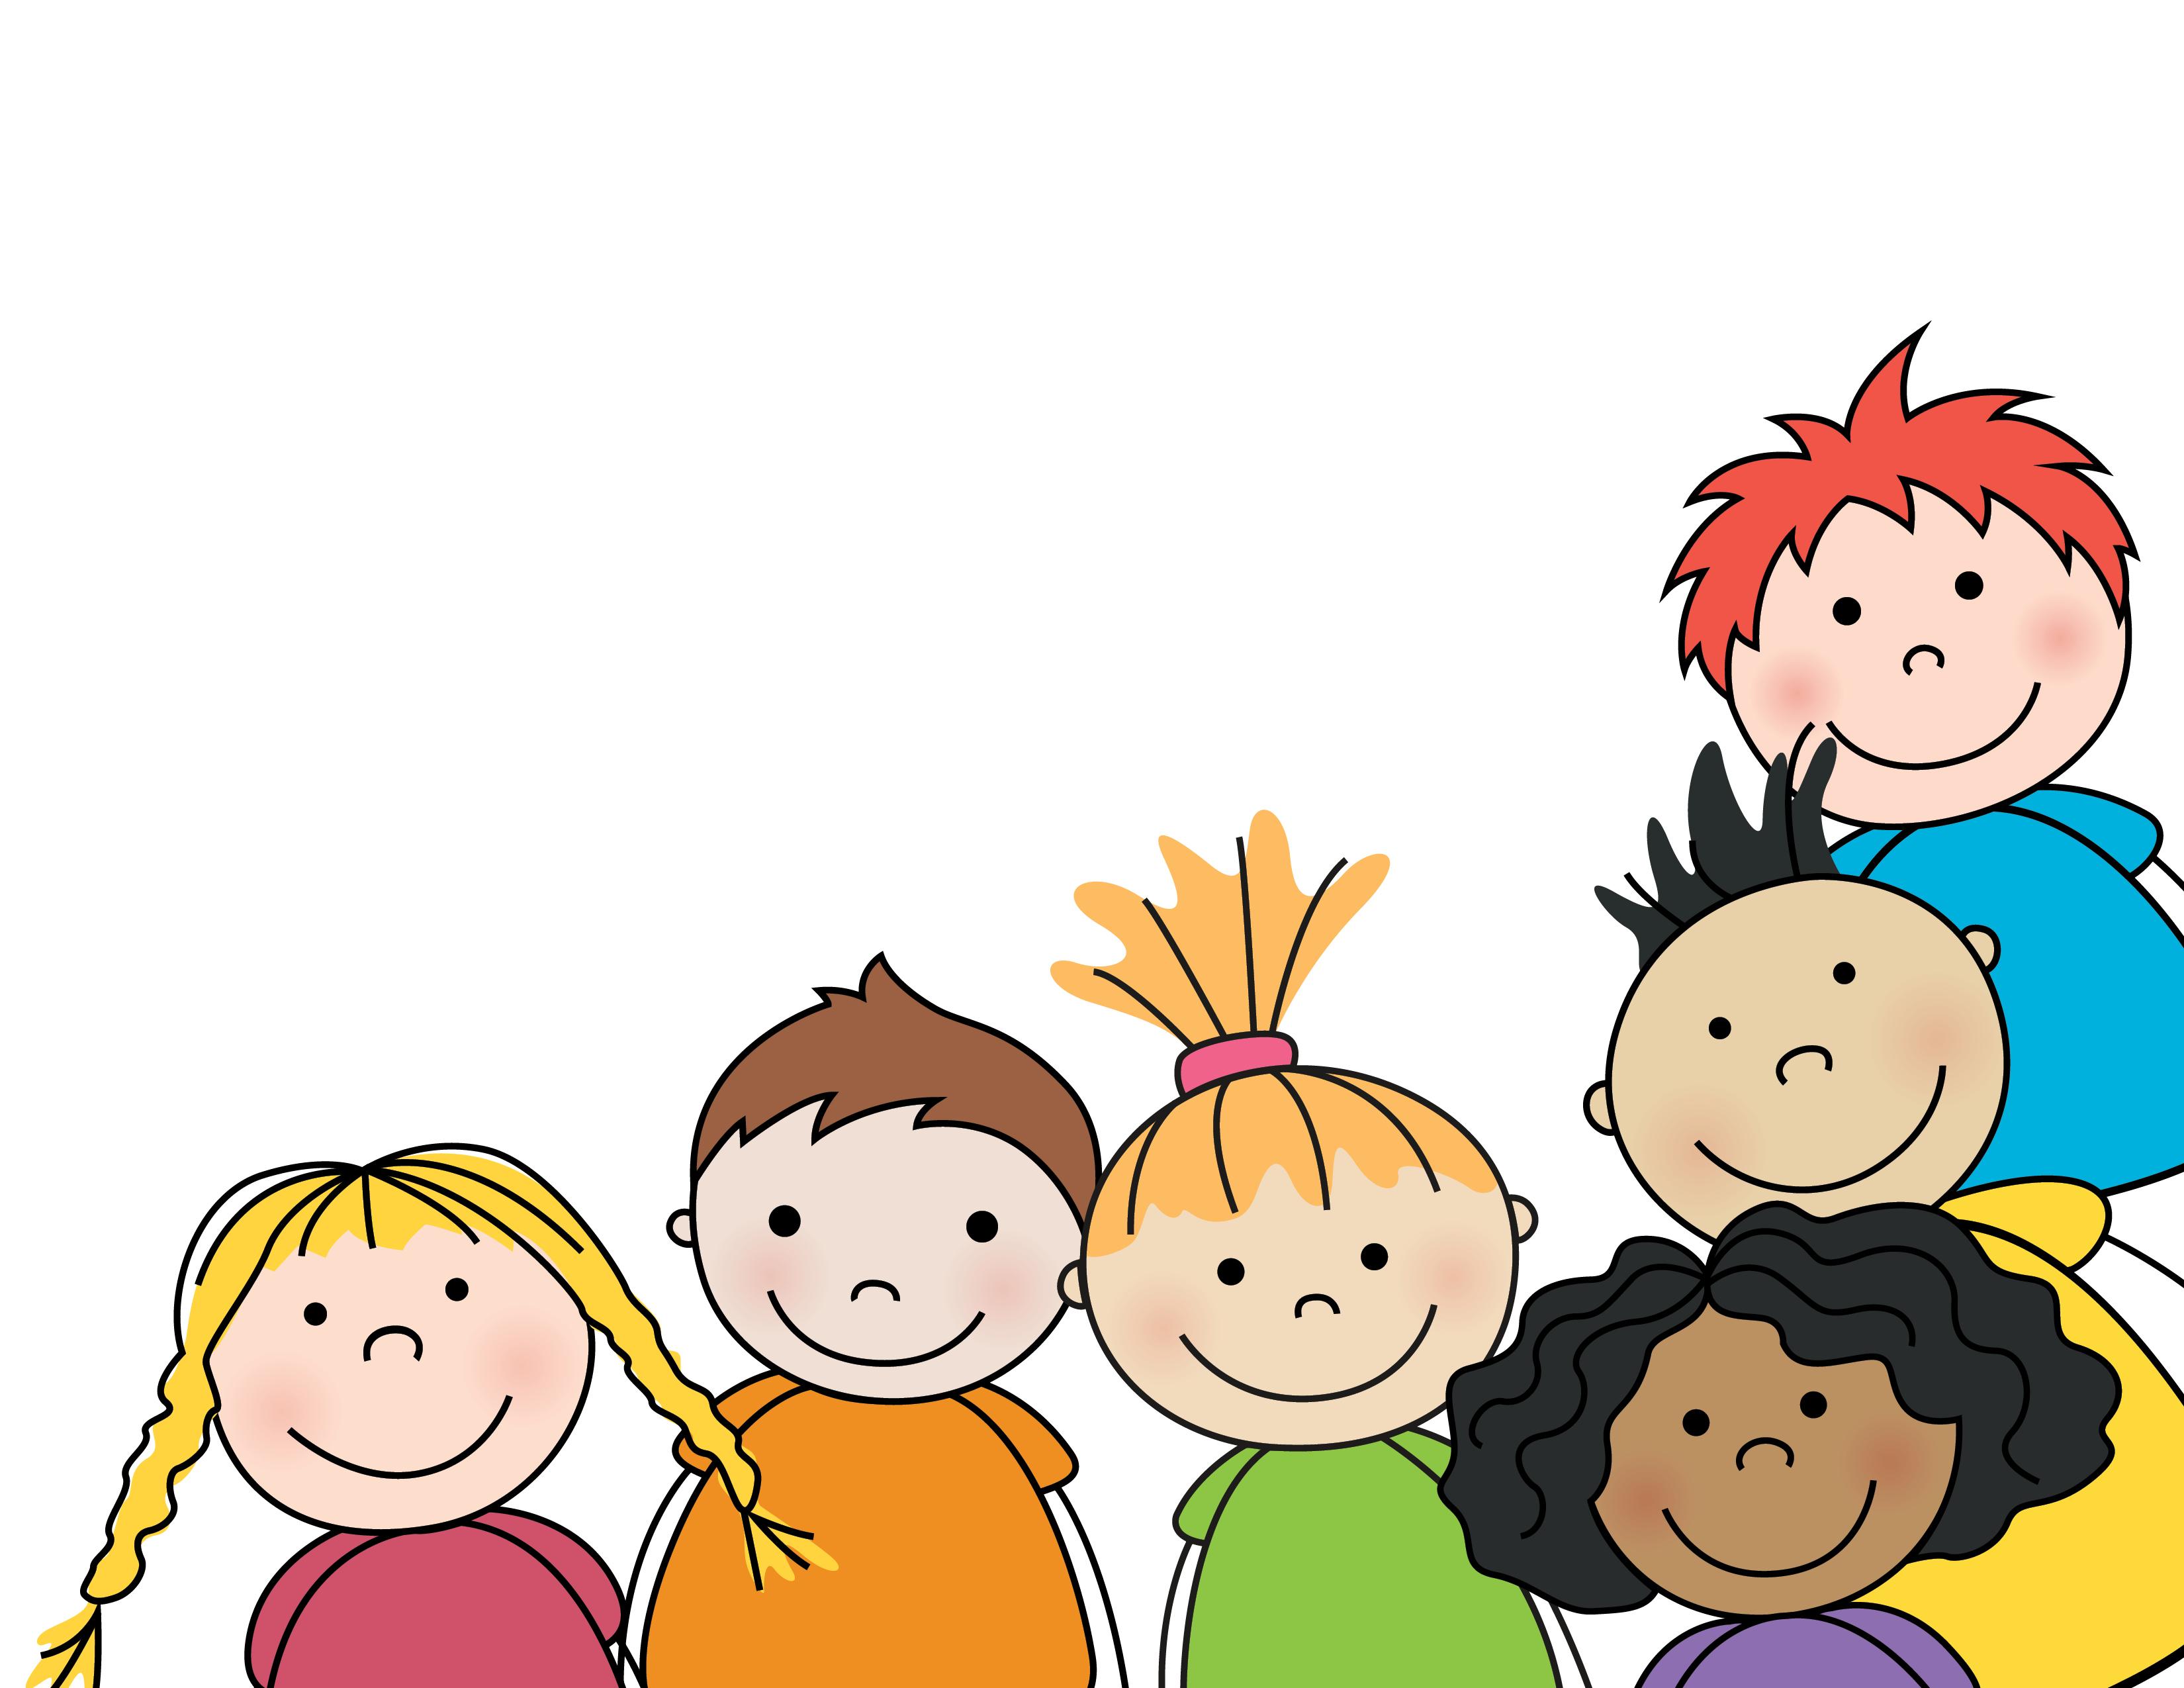 Нарисованные картинки с детьми, картинки улетаю